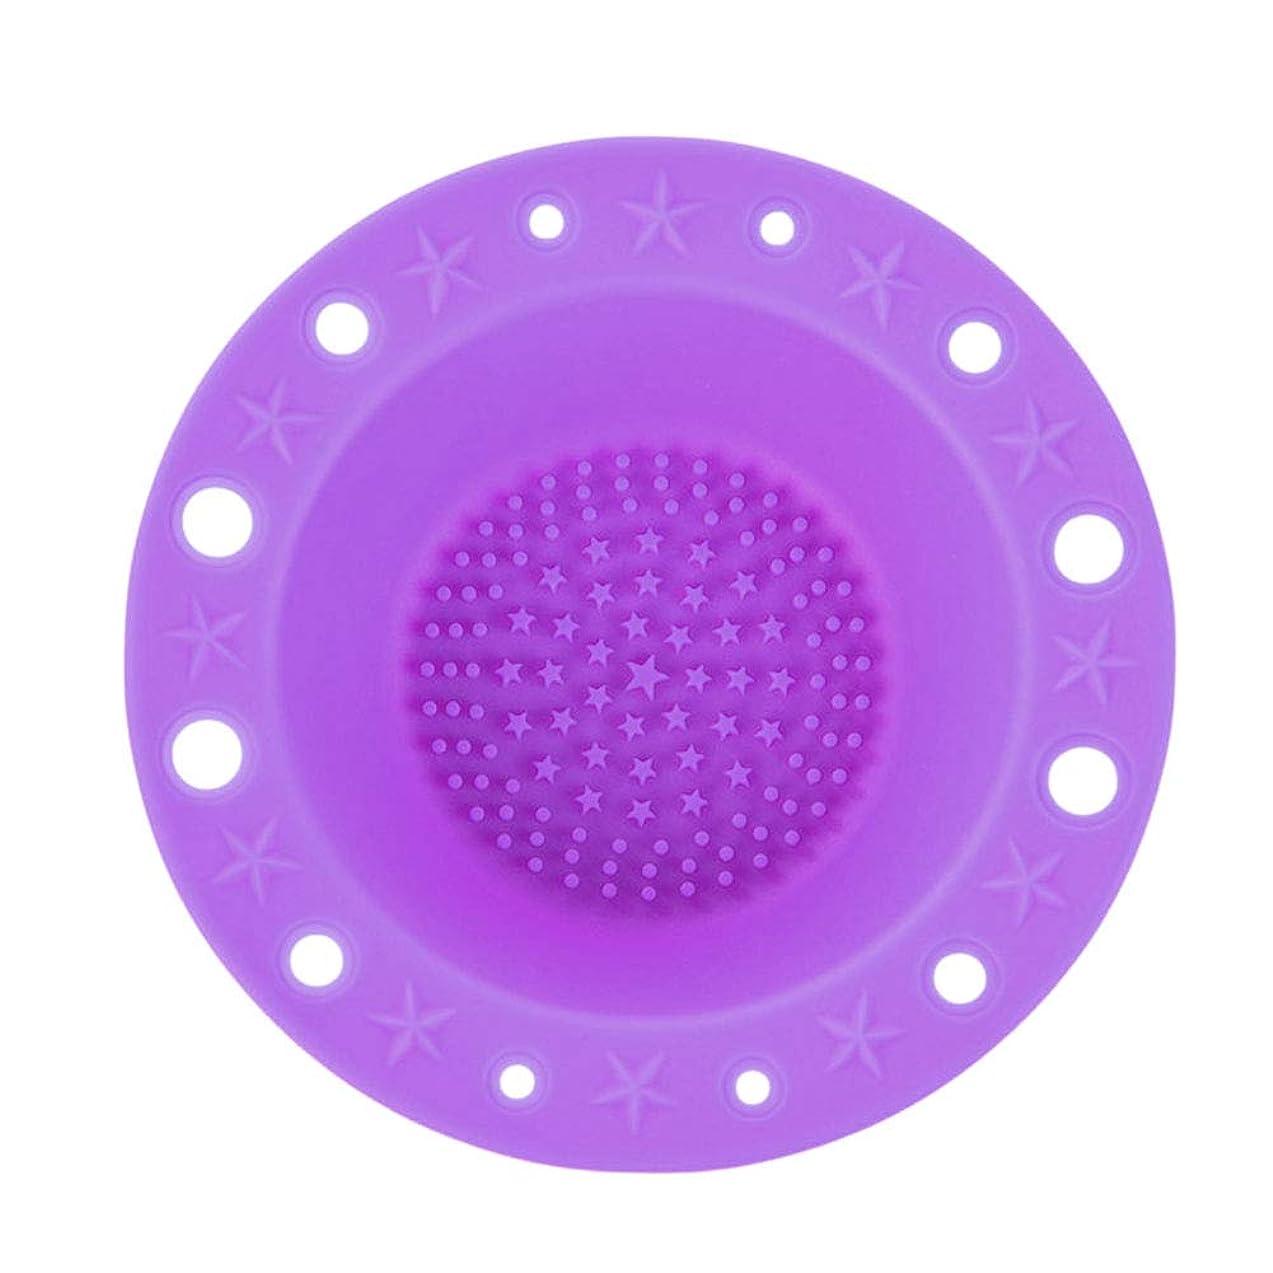 襲撃不当舗装CUHAWUDBA シリコンメイクブラシ クリーナークリーニングツール 化粧品ペンホルダー(パープル)